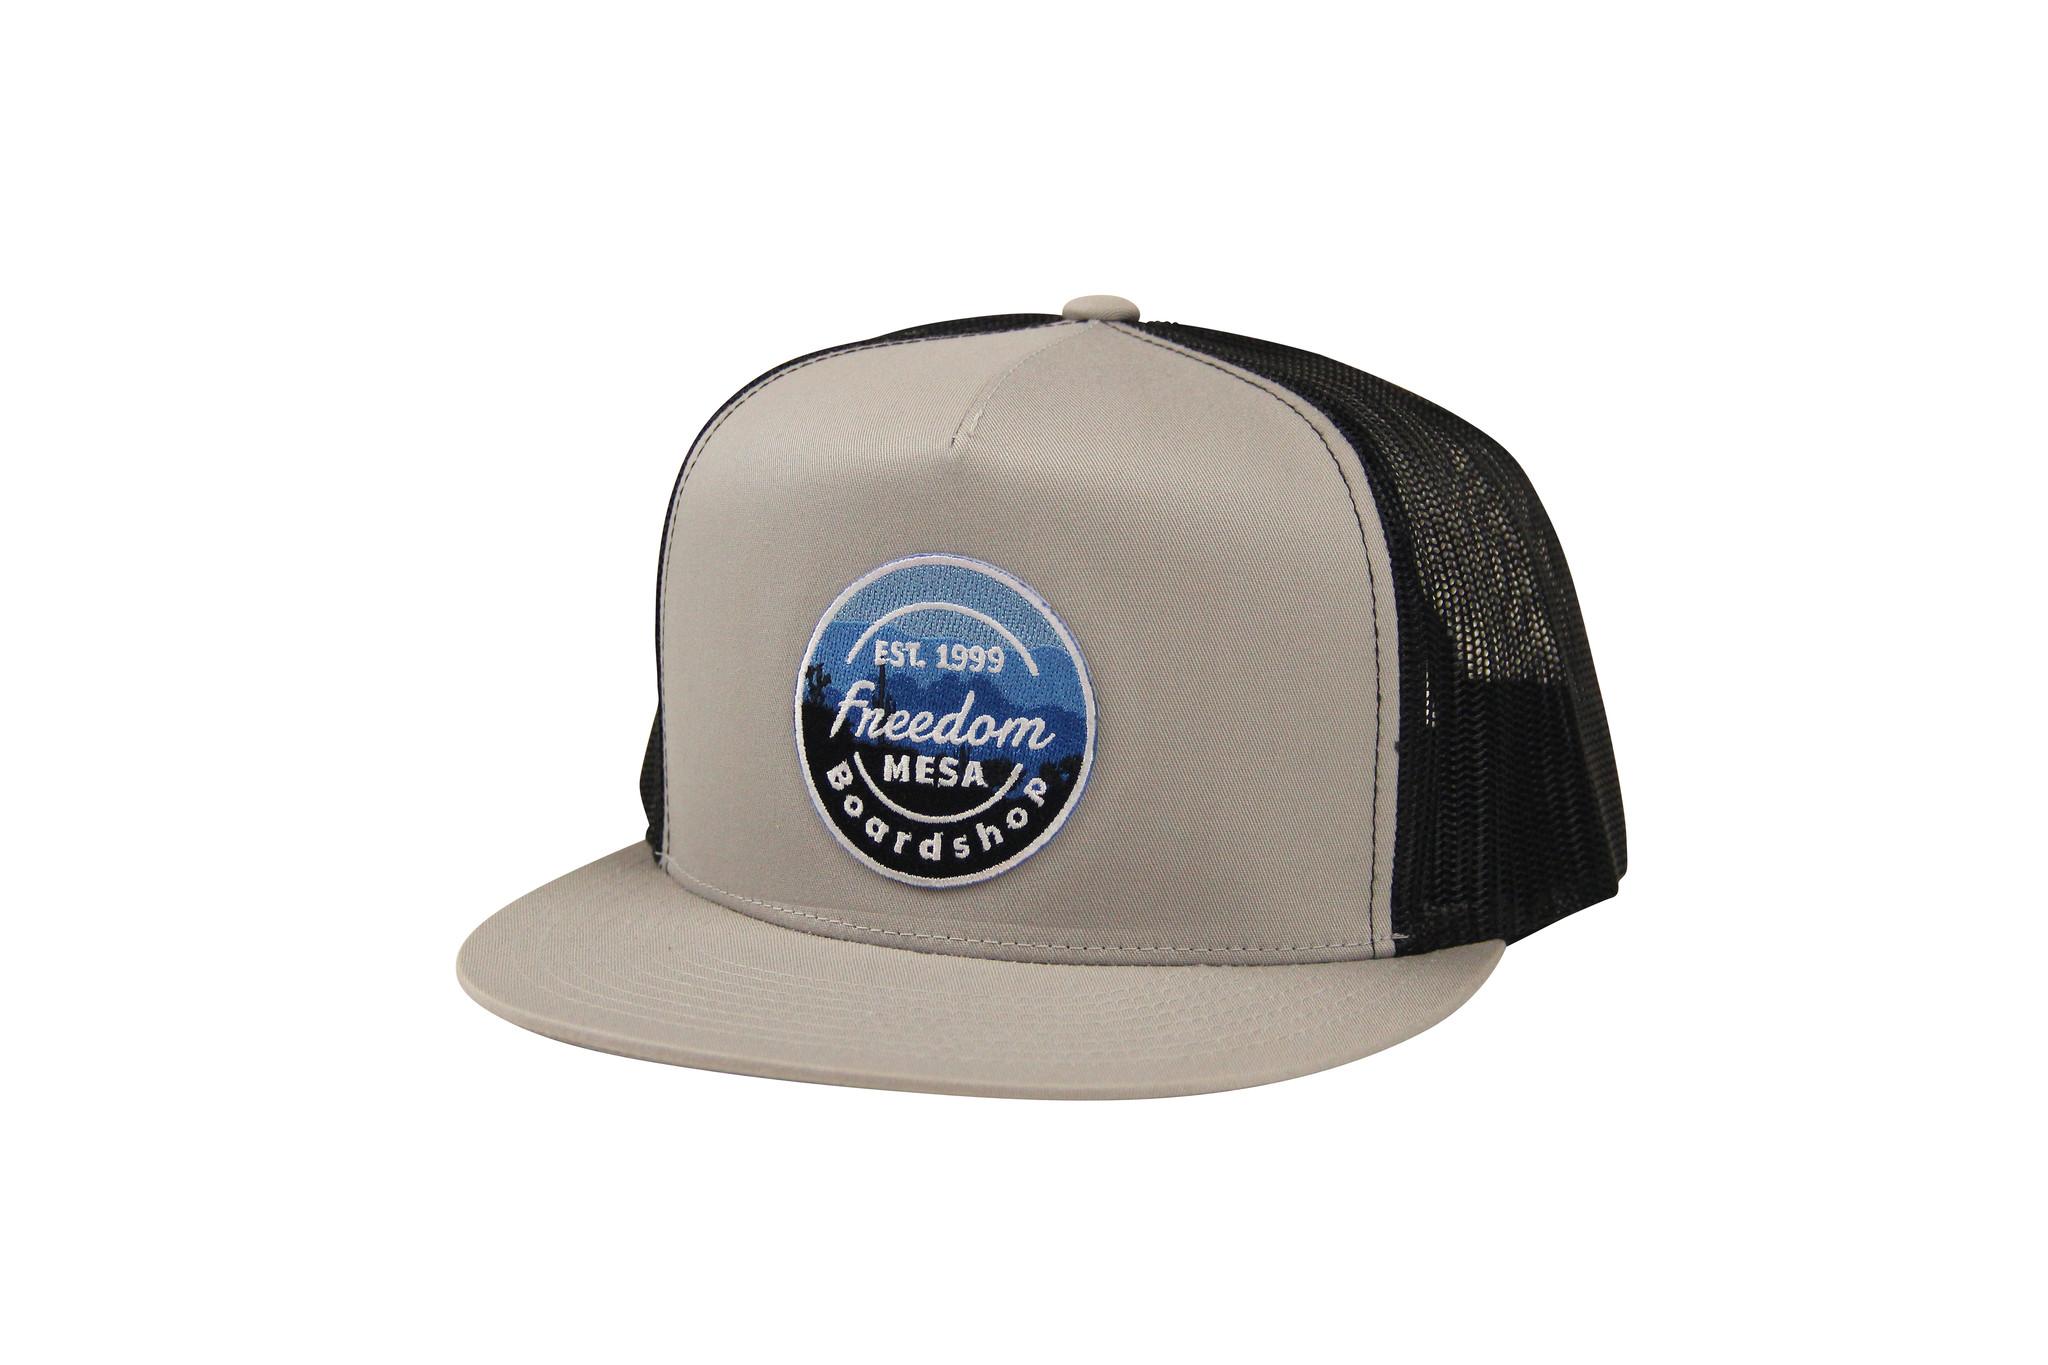 Freedom Boardshop HAT-FREEDOM FOUR PEAKS TRUCKER